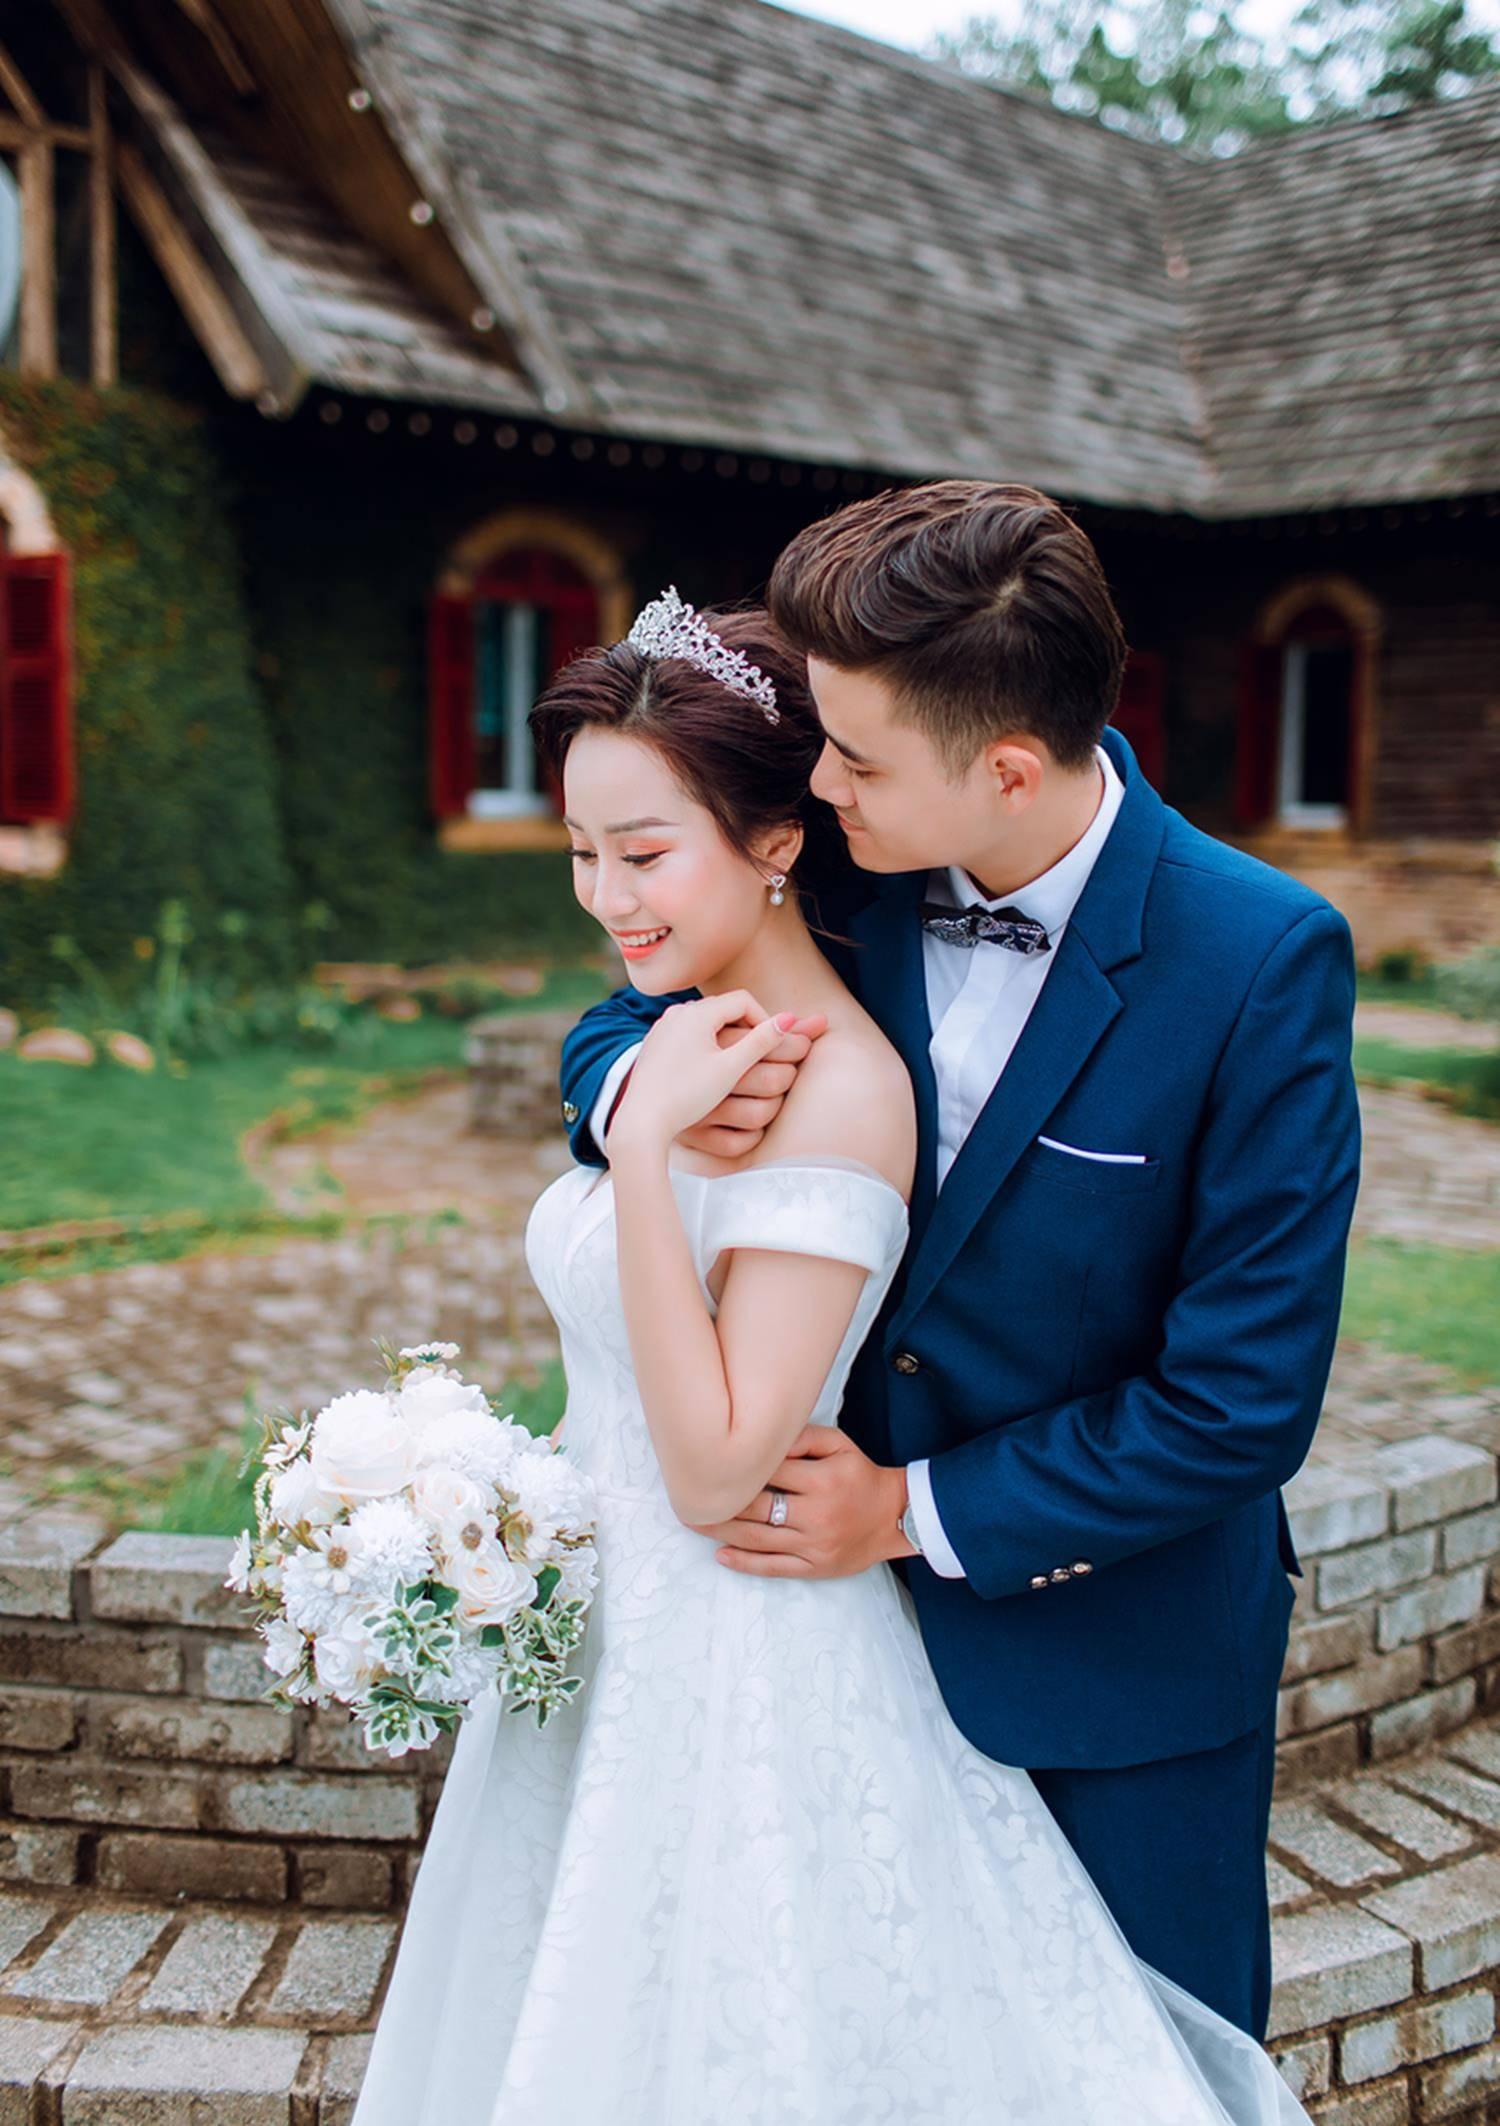 Ảnh cưới của vua kiếm chém và người vợ xinh đẹp-3